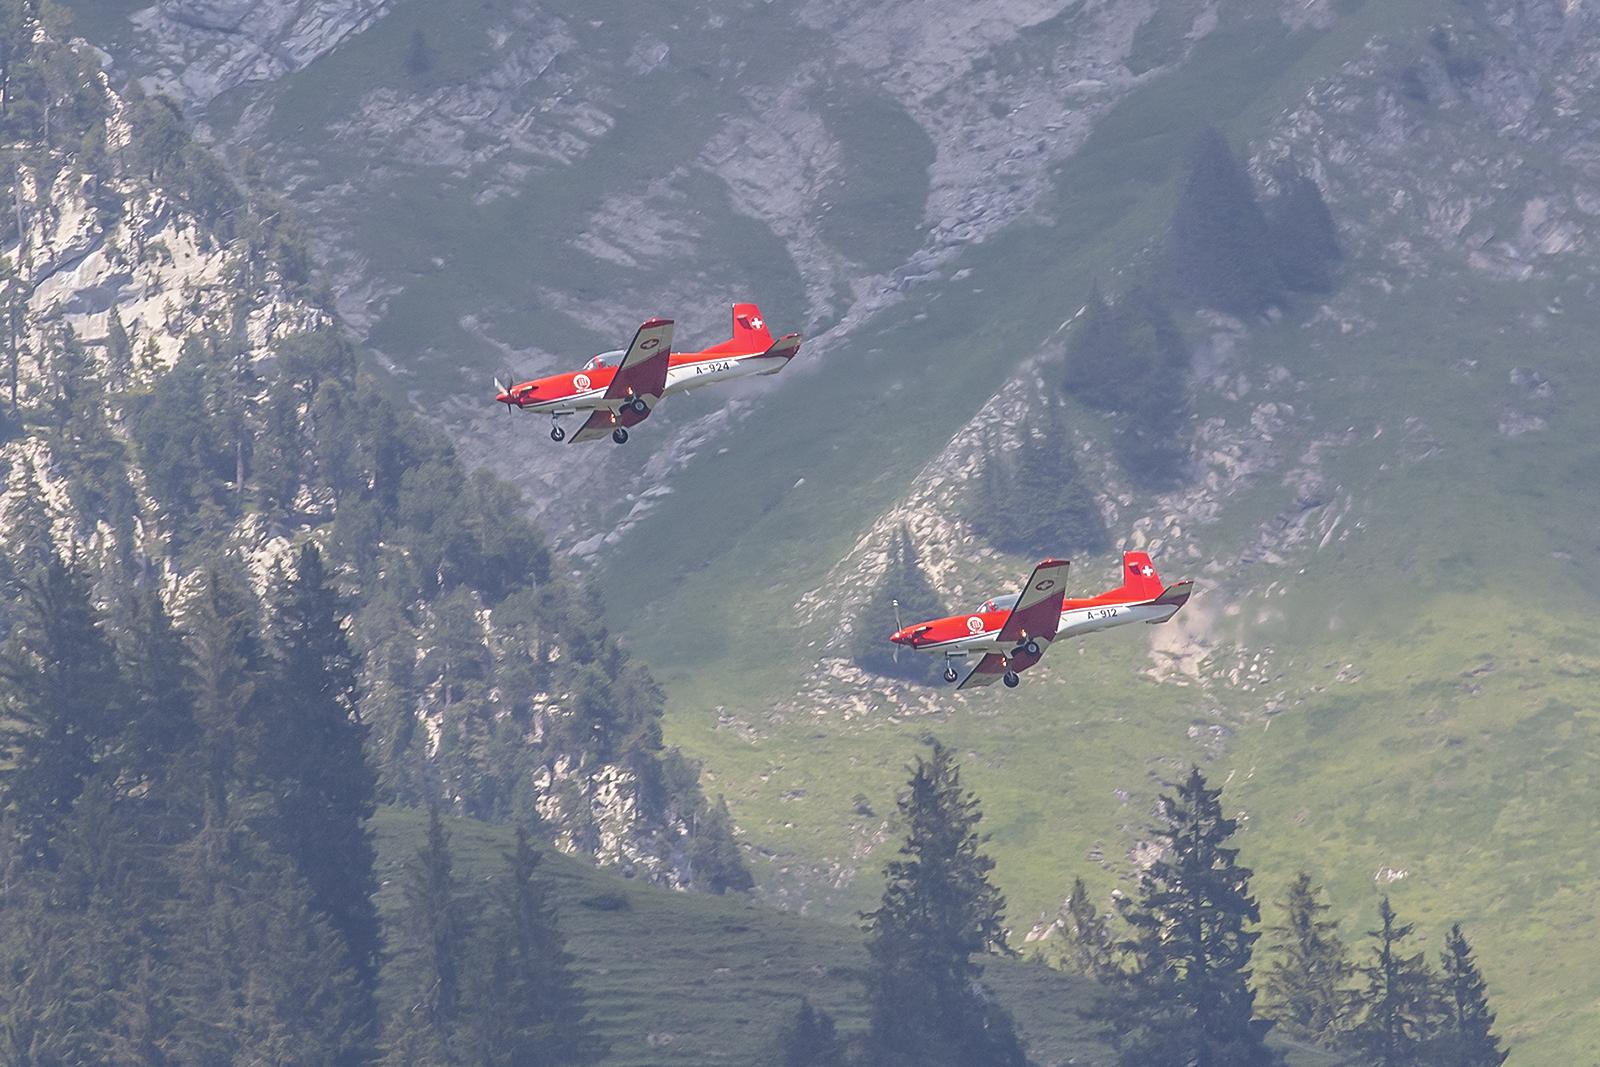 Zwei PC-7 im Downwind (Gegenanflug) auf die Piste 01.